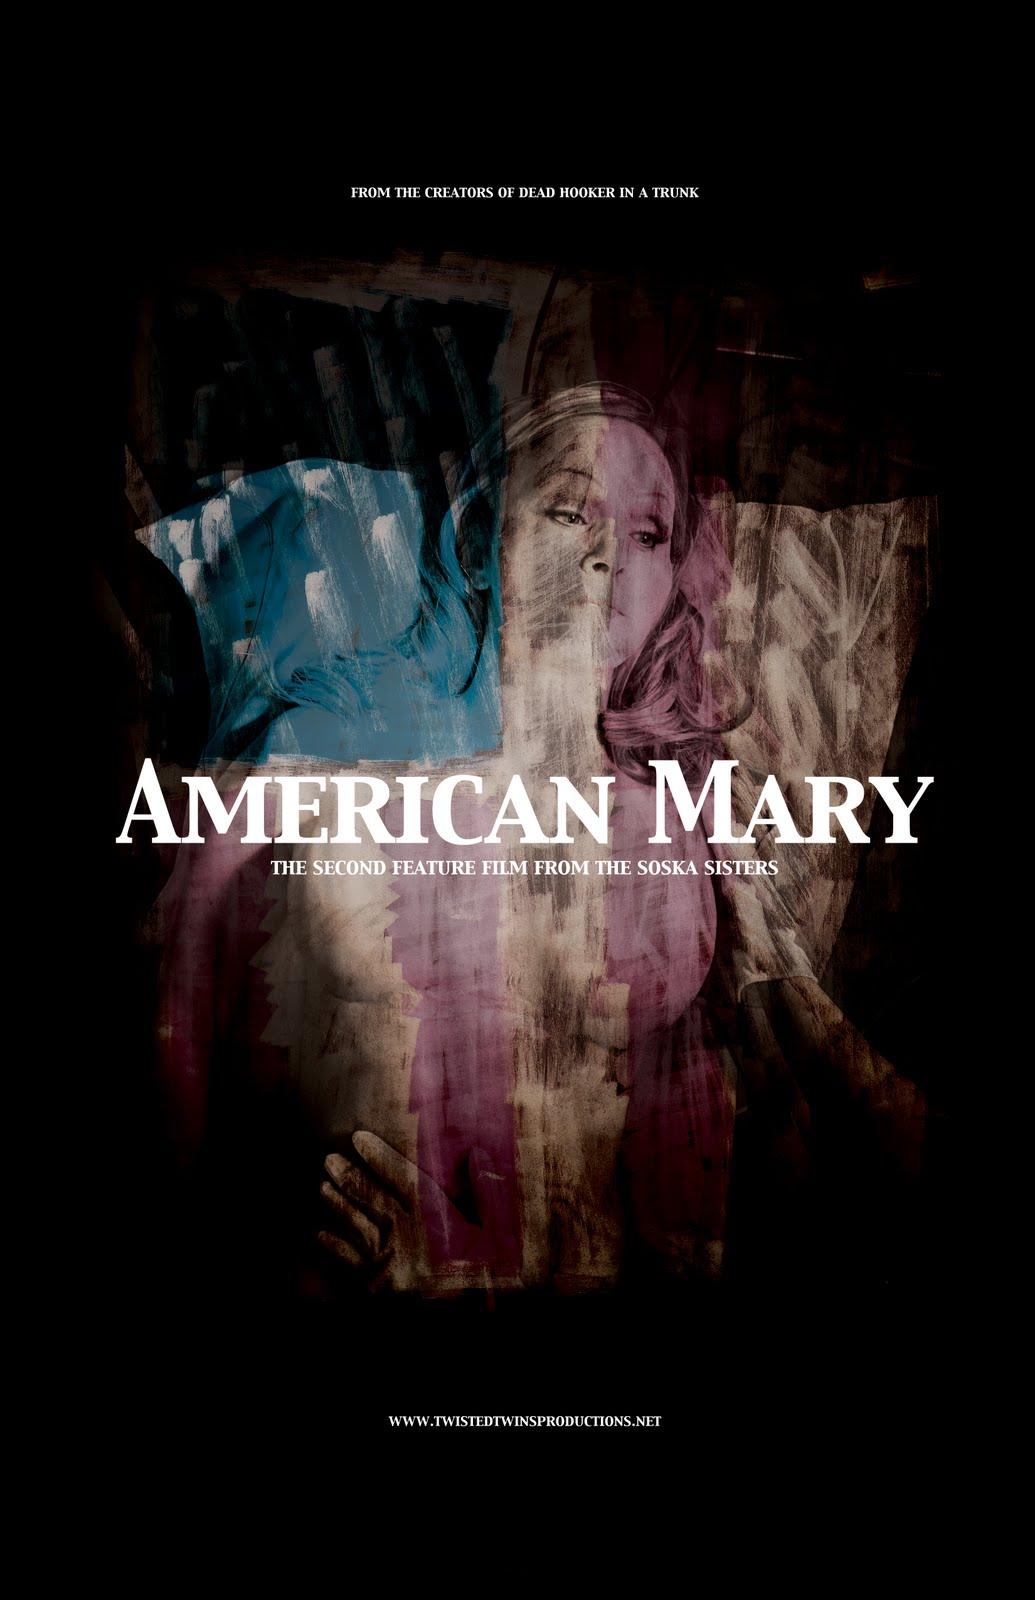 http://1.bp.blogspot.com/_AsUas89TZX0/TQPWVnGNkiI/AAAAAAAAAx0/6W0d8n1nwIQ/s1600/americanmary.jpg